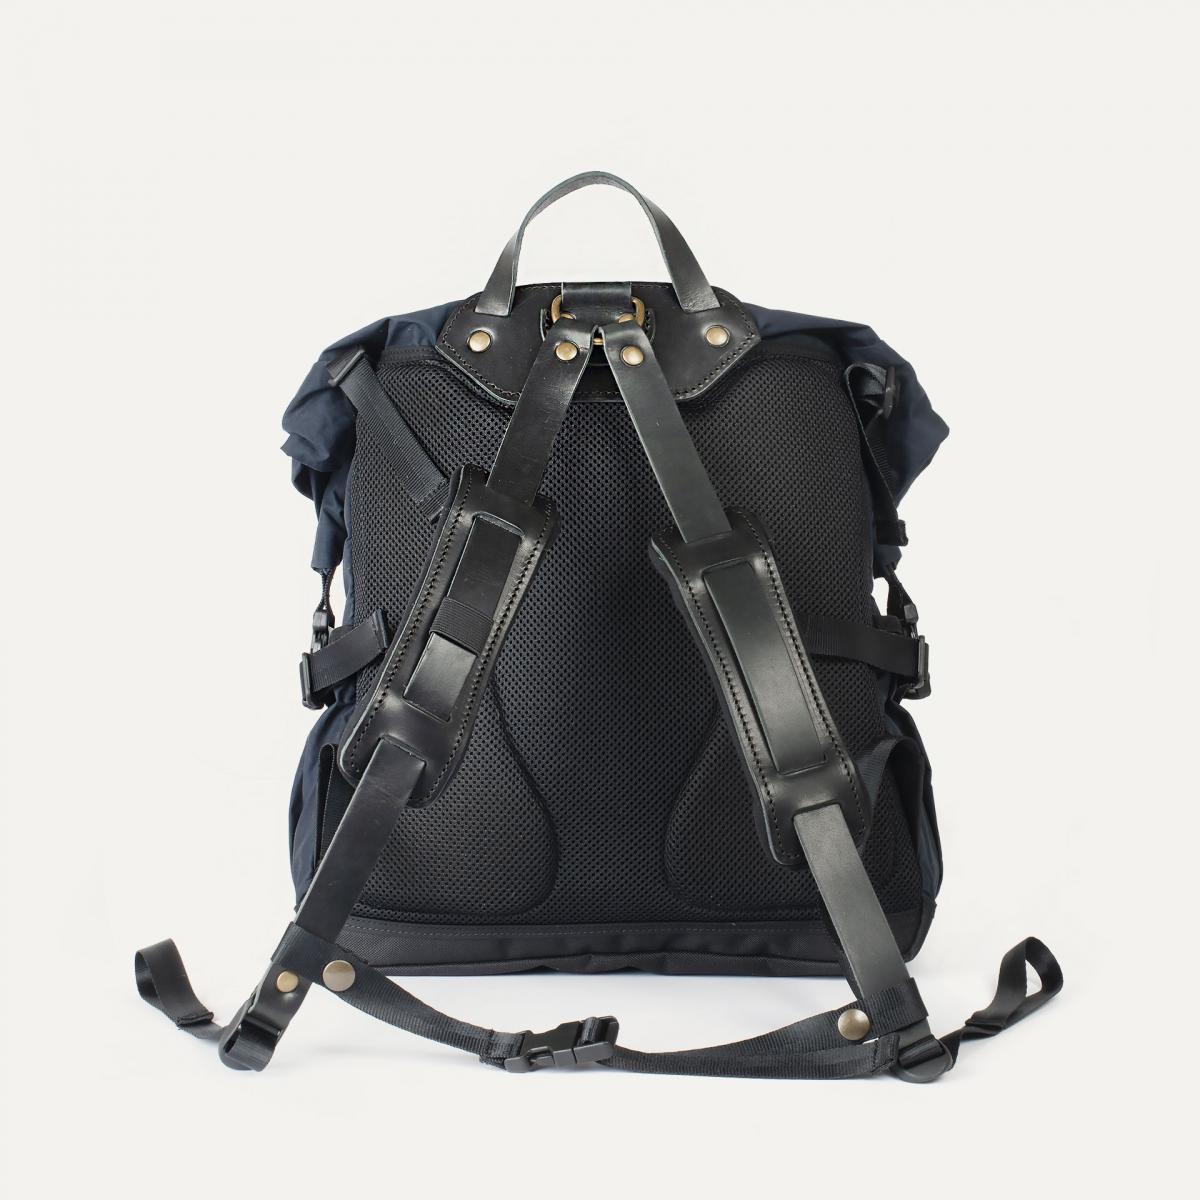 20L Basile Backpack - Hague Blue (image n°3)